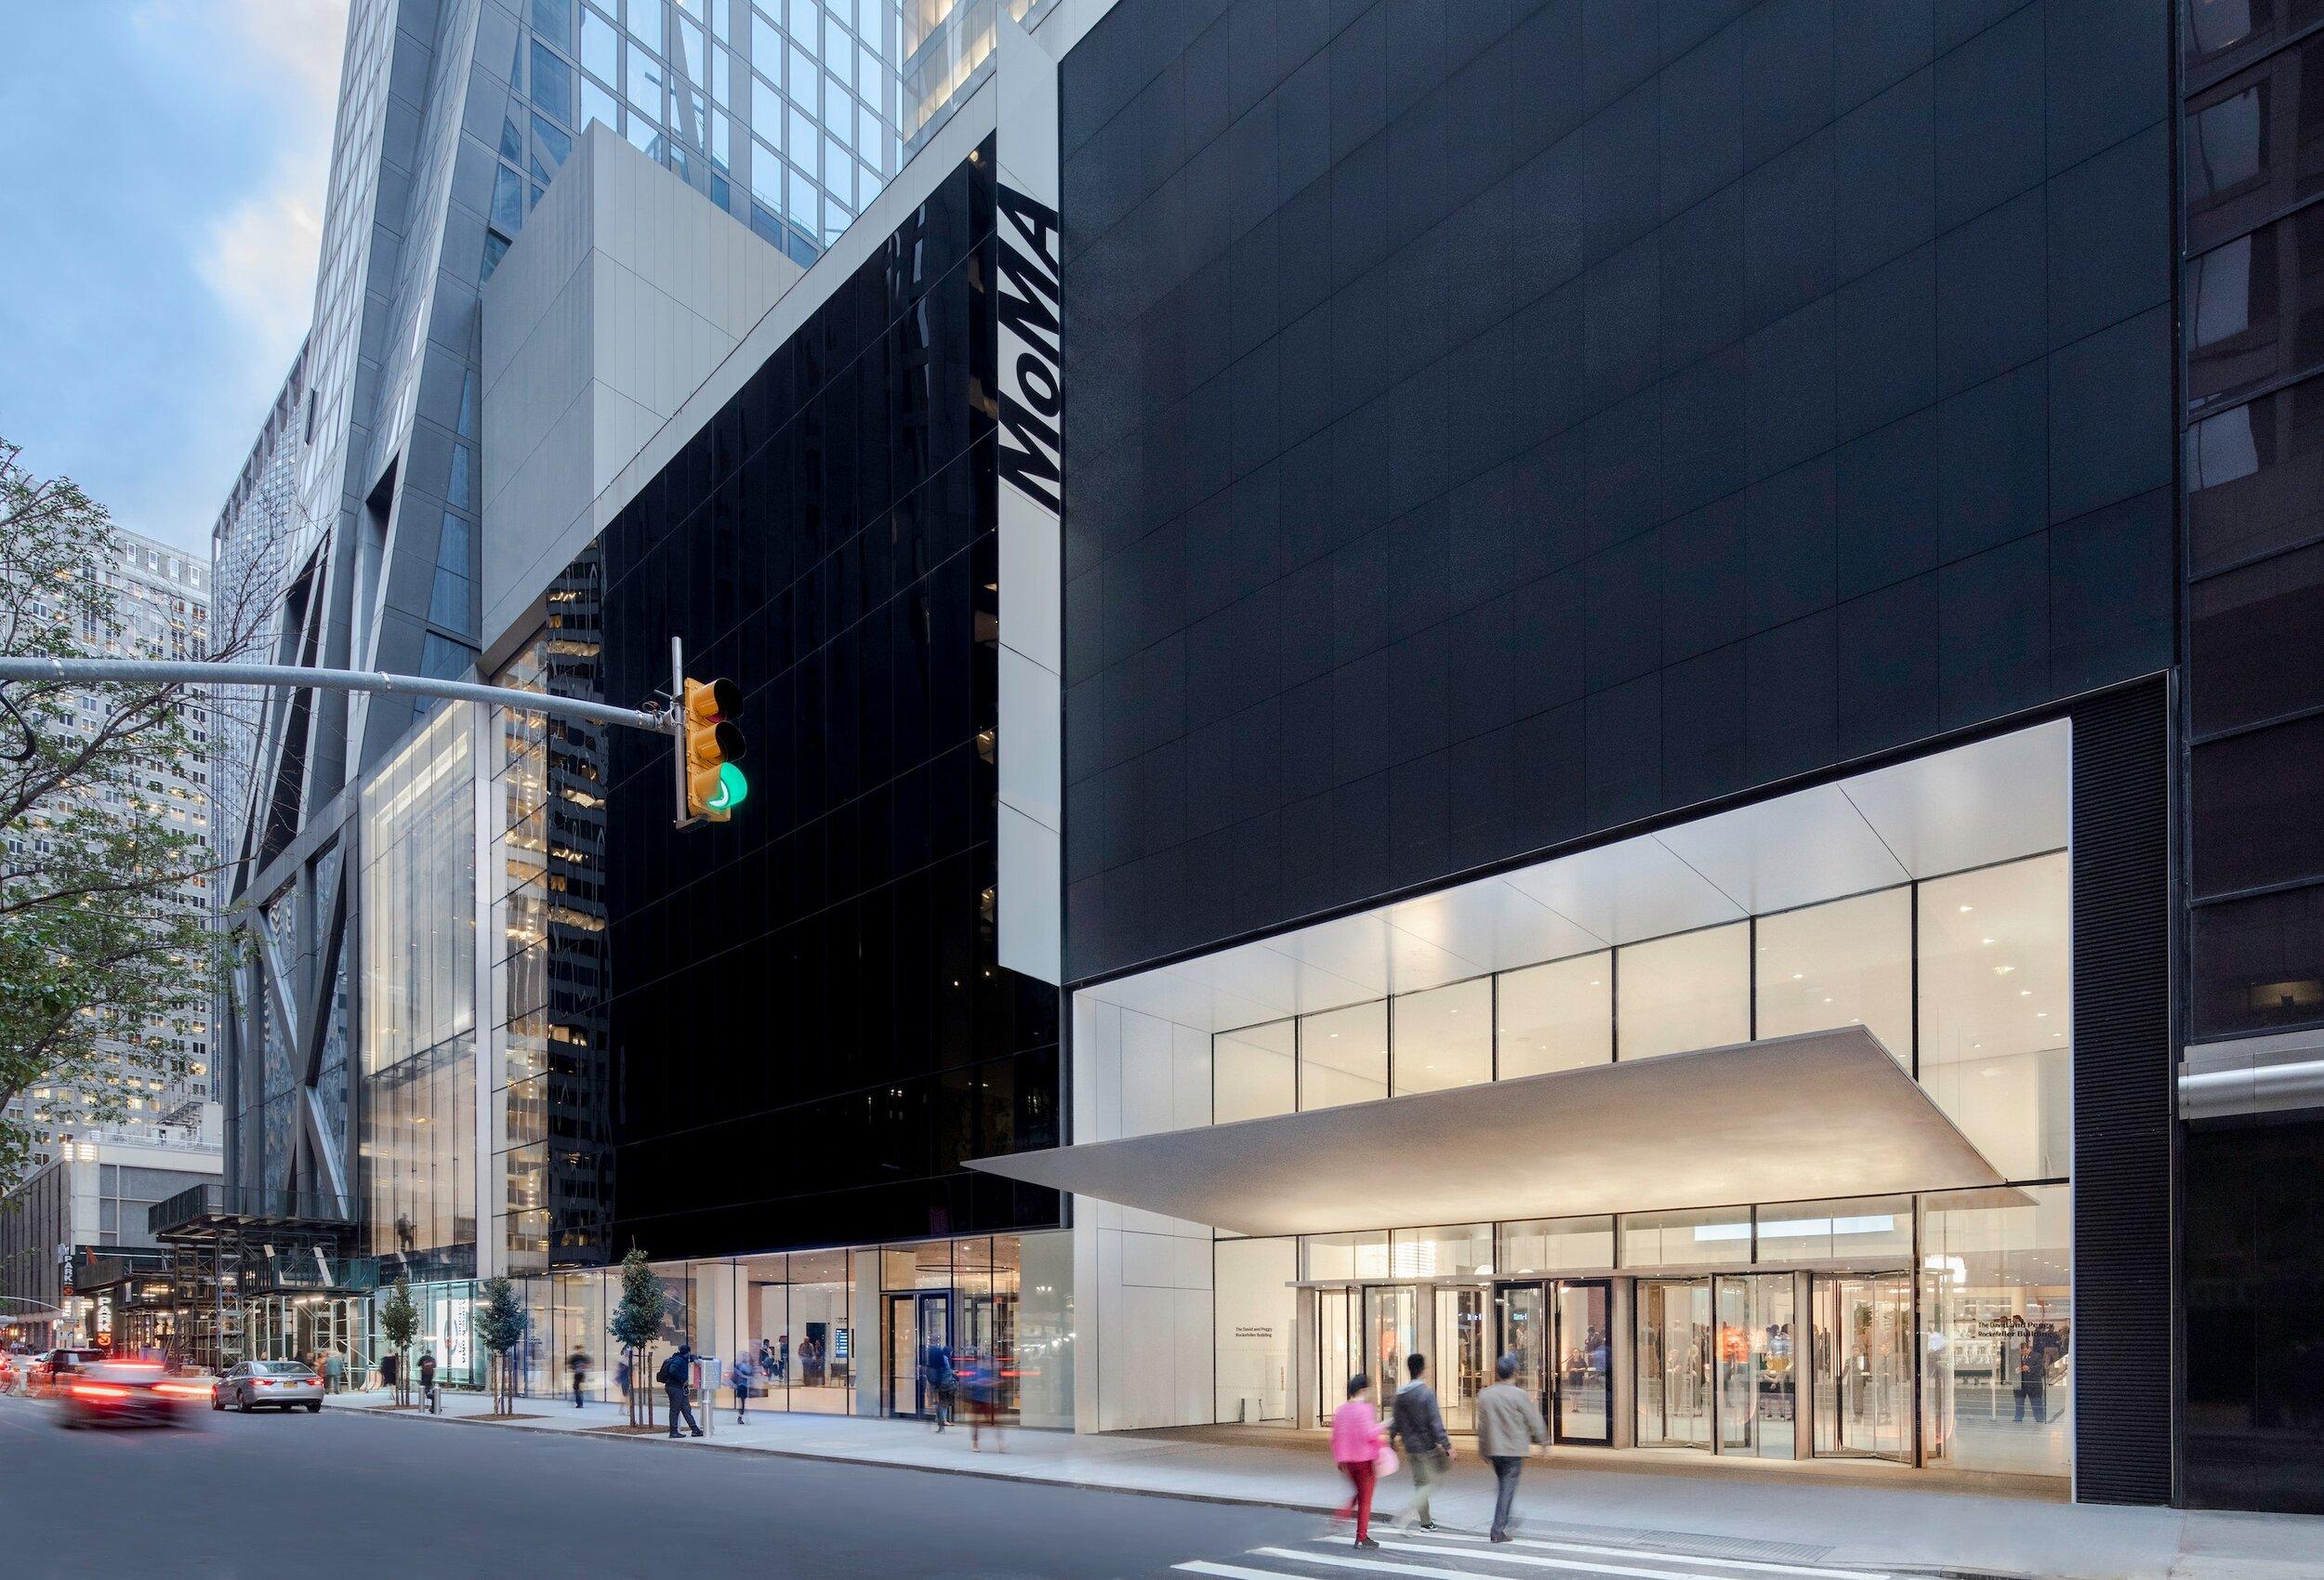 MoMA розірвав контракти з усіма позаштатними викладачами